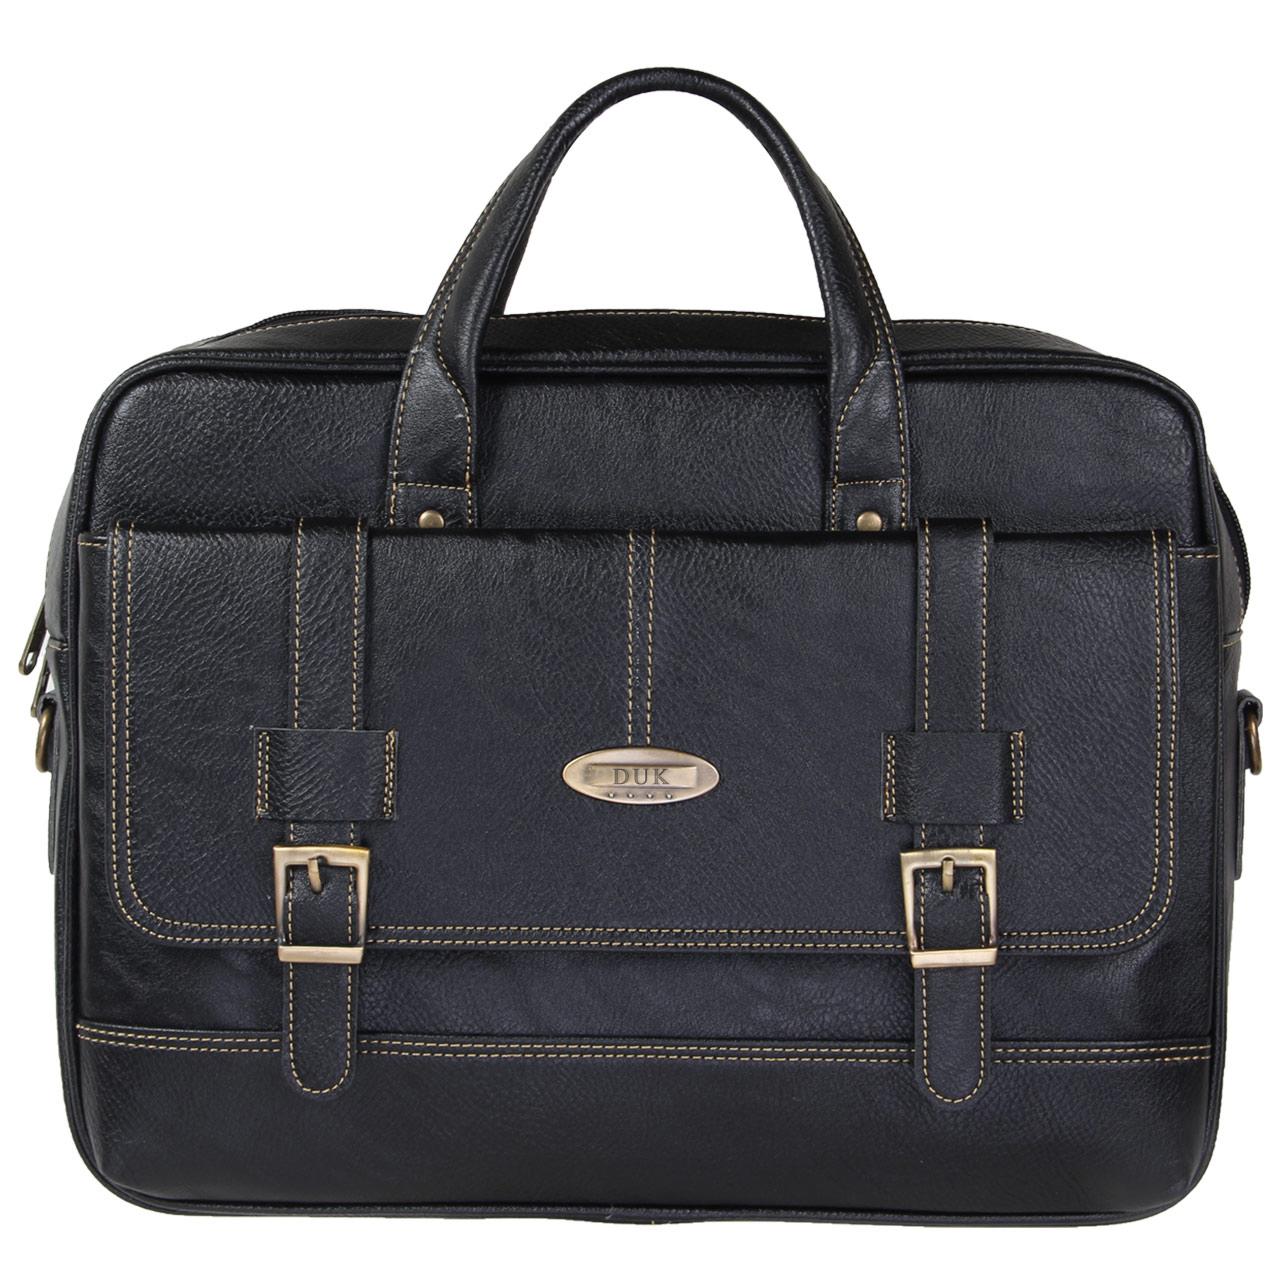 کیف اداری مردانه دوک مدل 212410